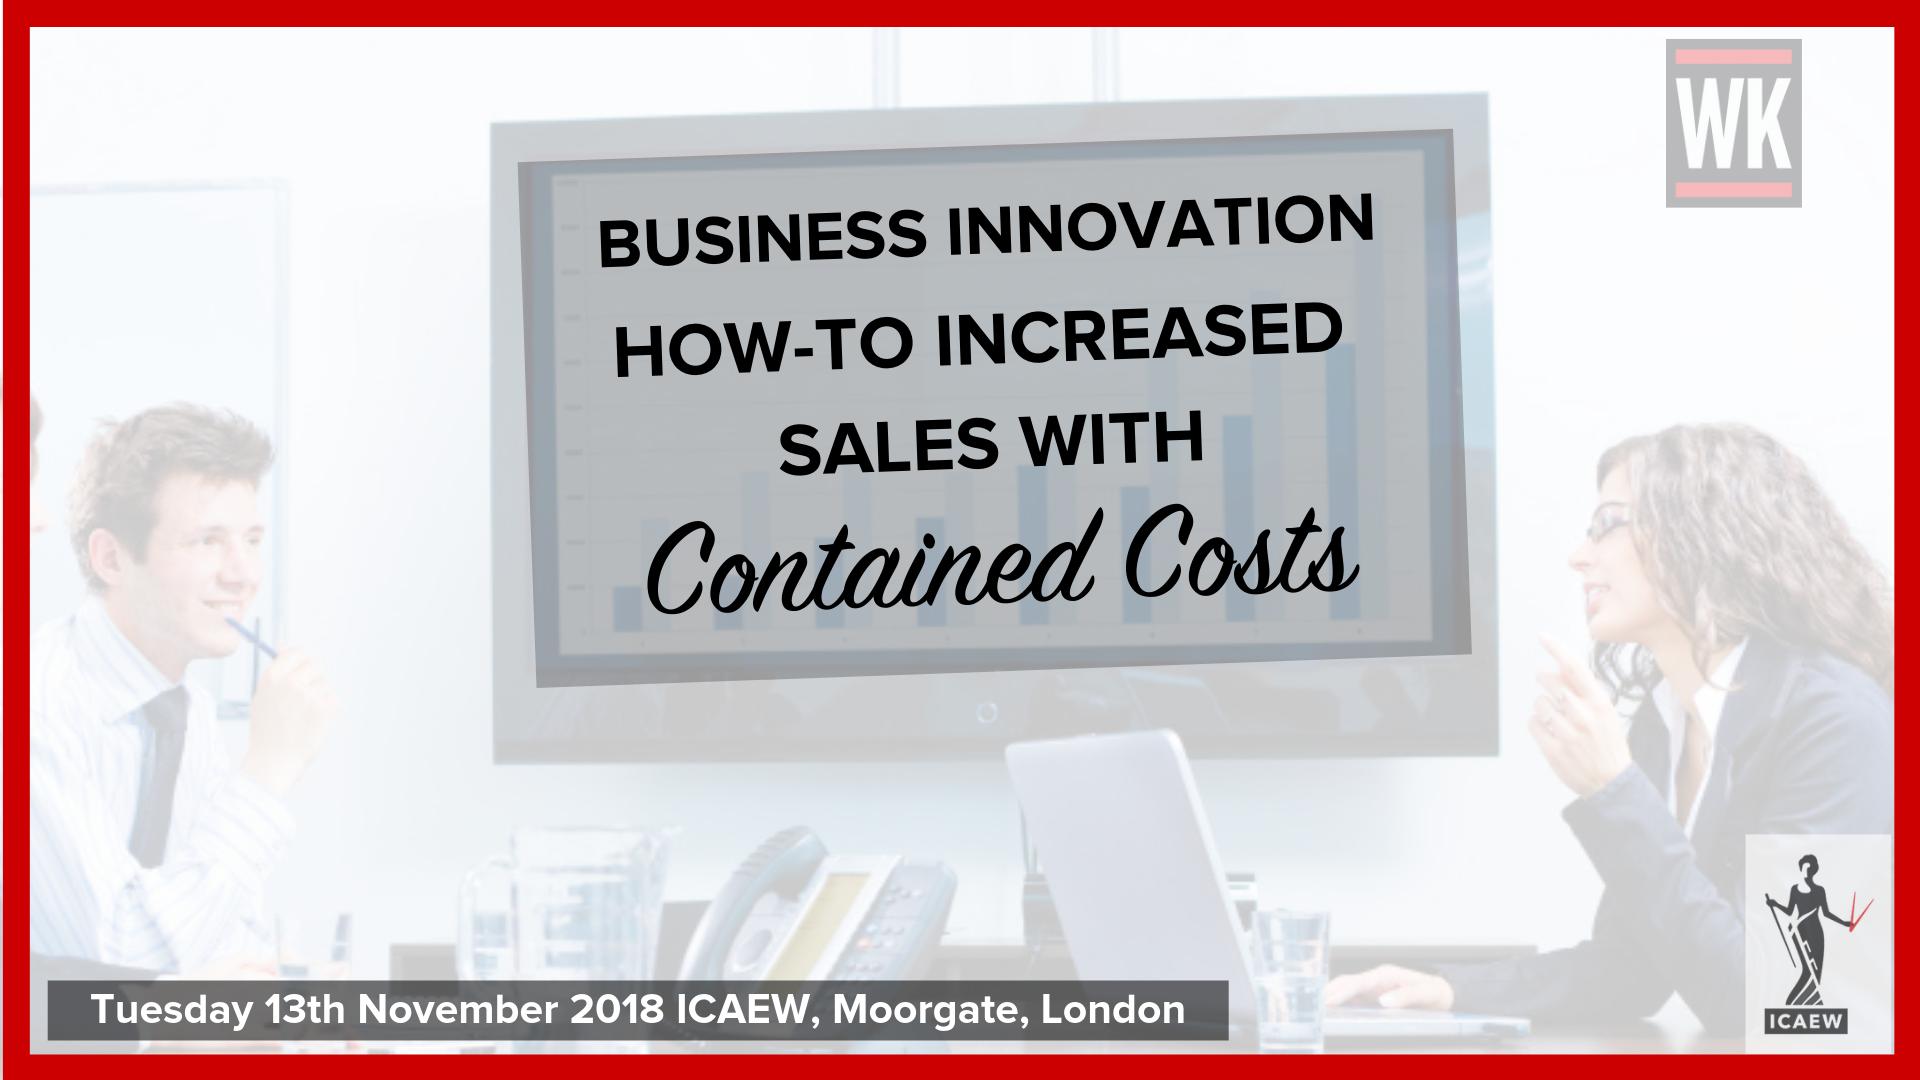 ICAEW Innovation Keynote Speaker Warren Knight